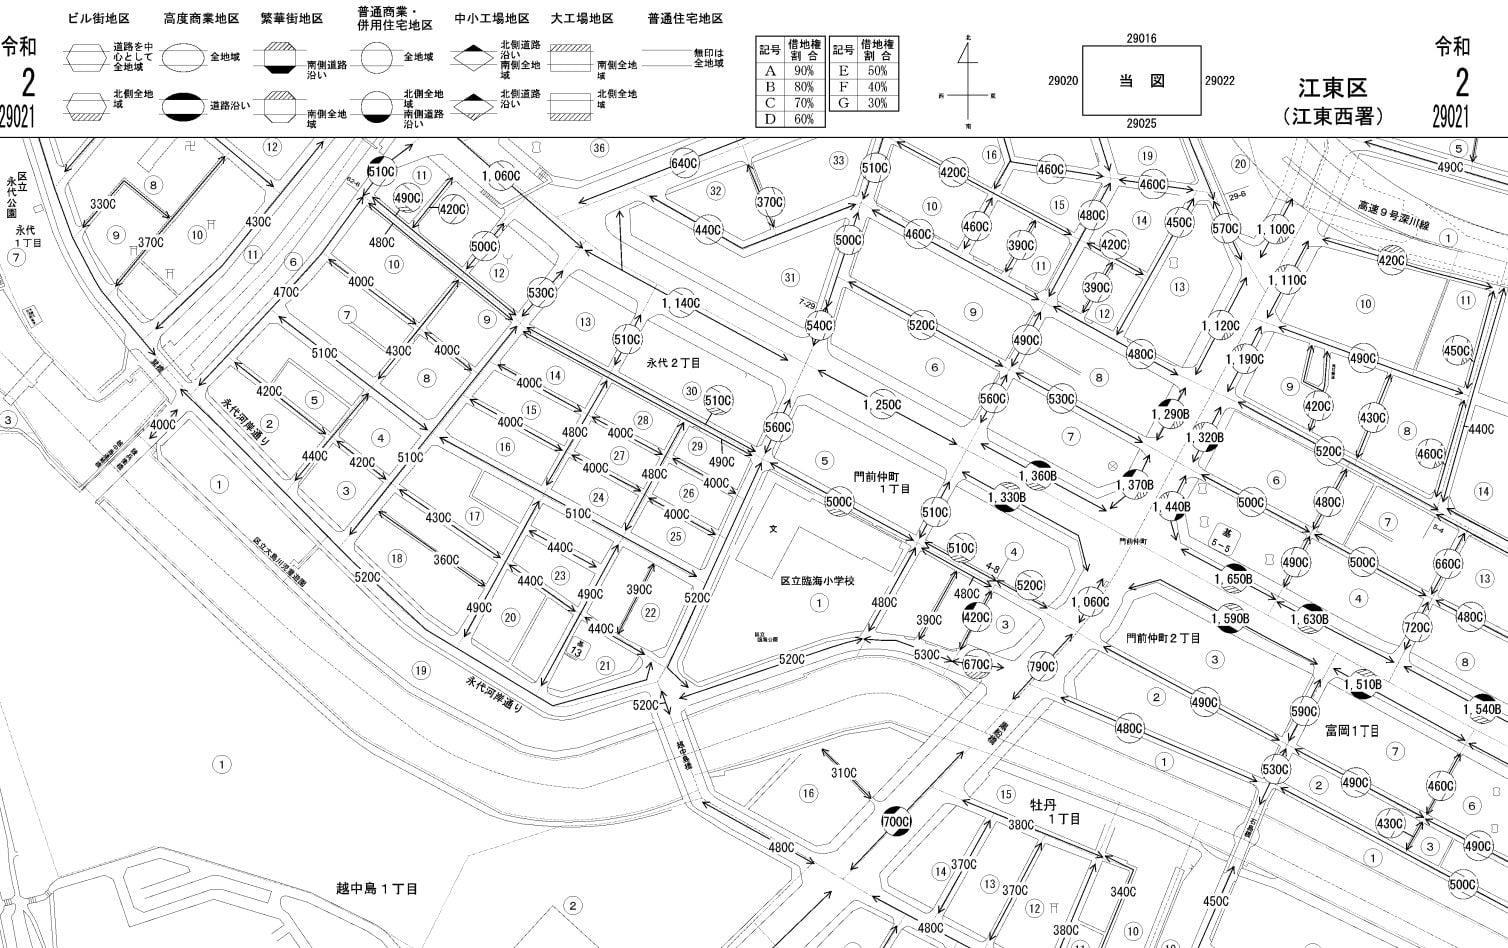 東京都江東区の路線価図